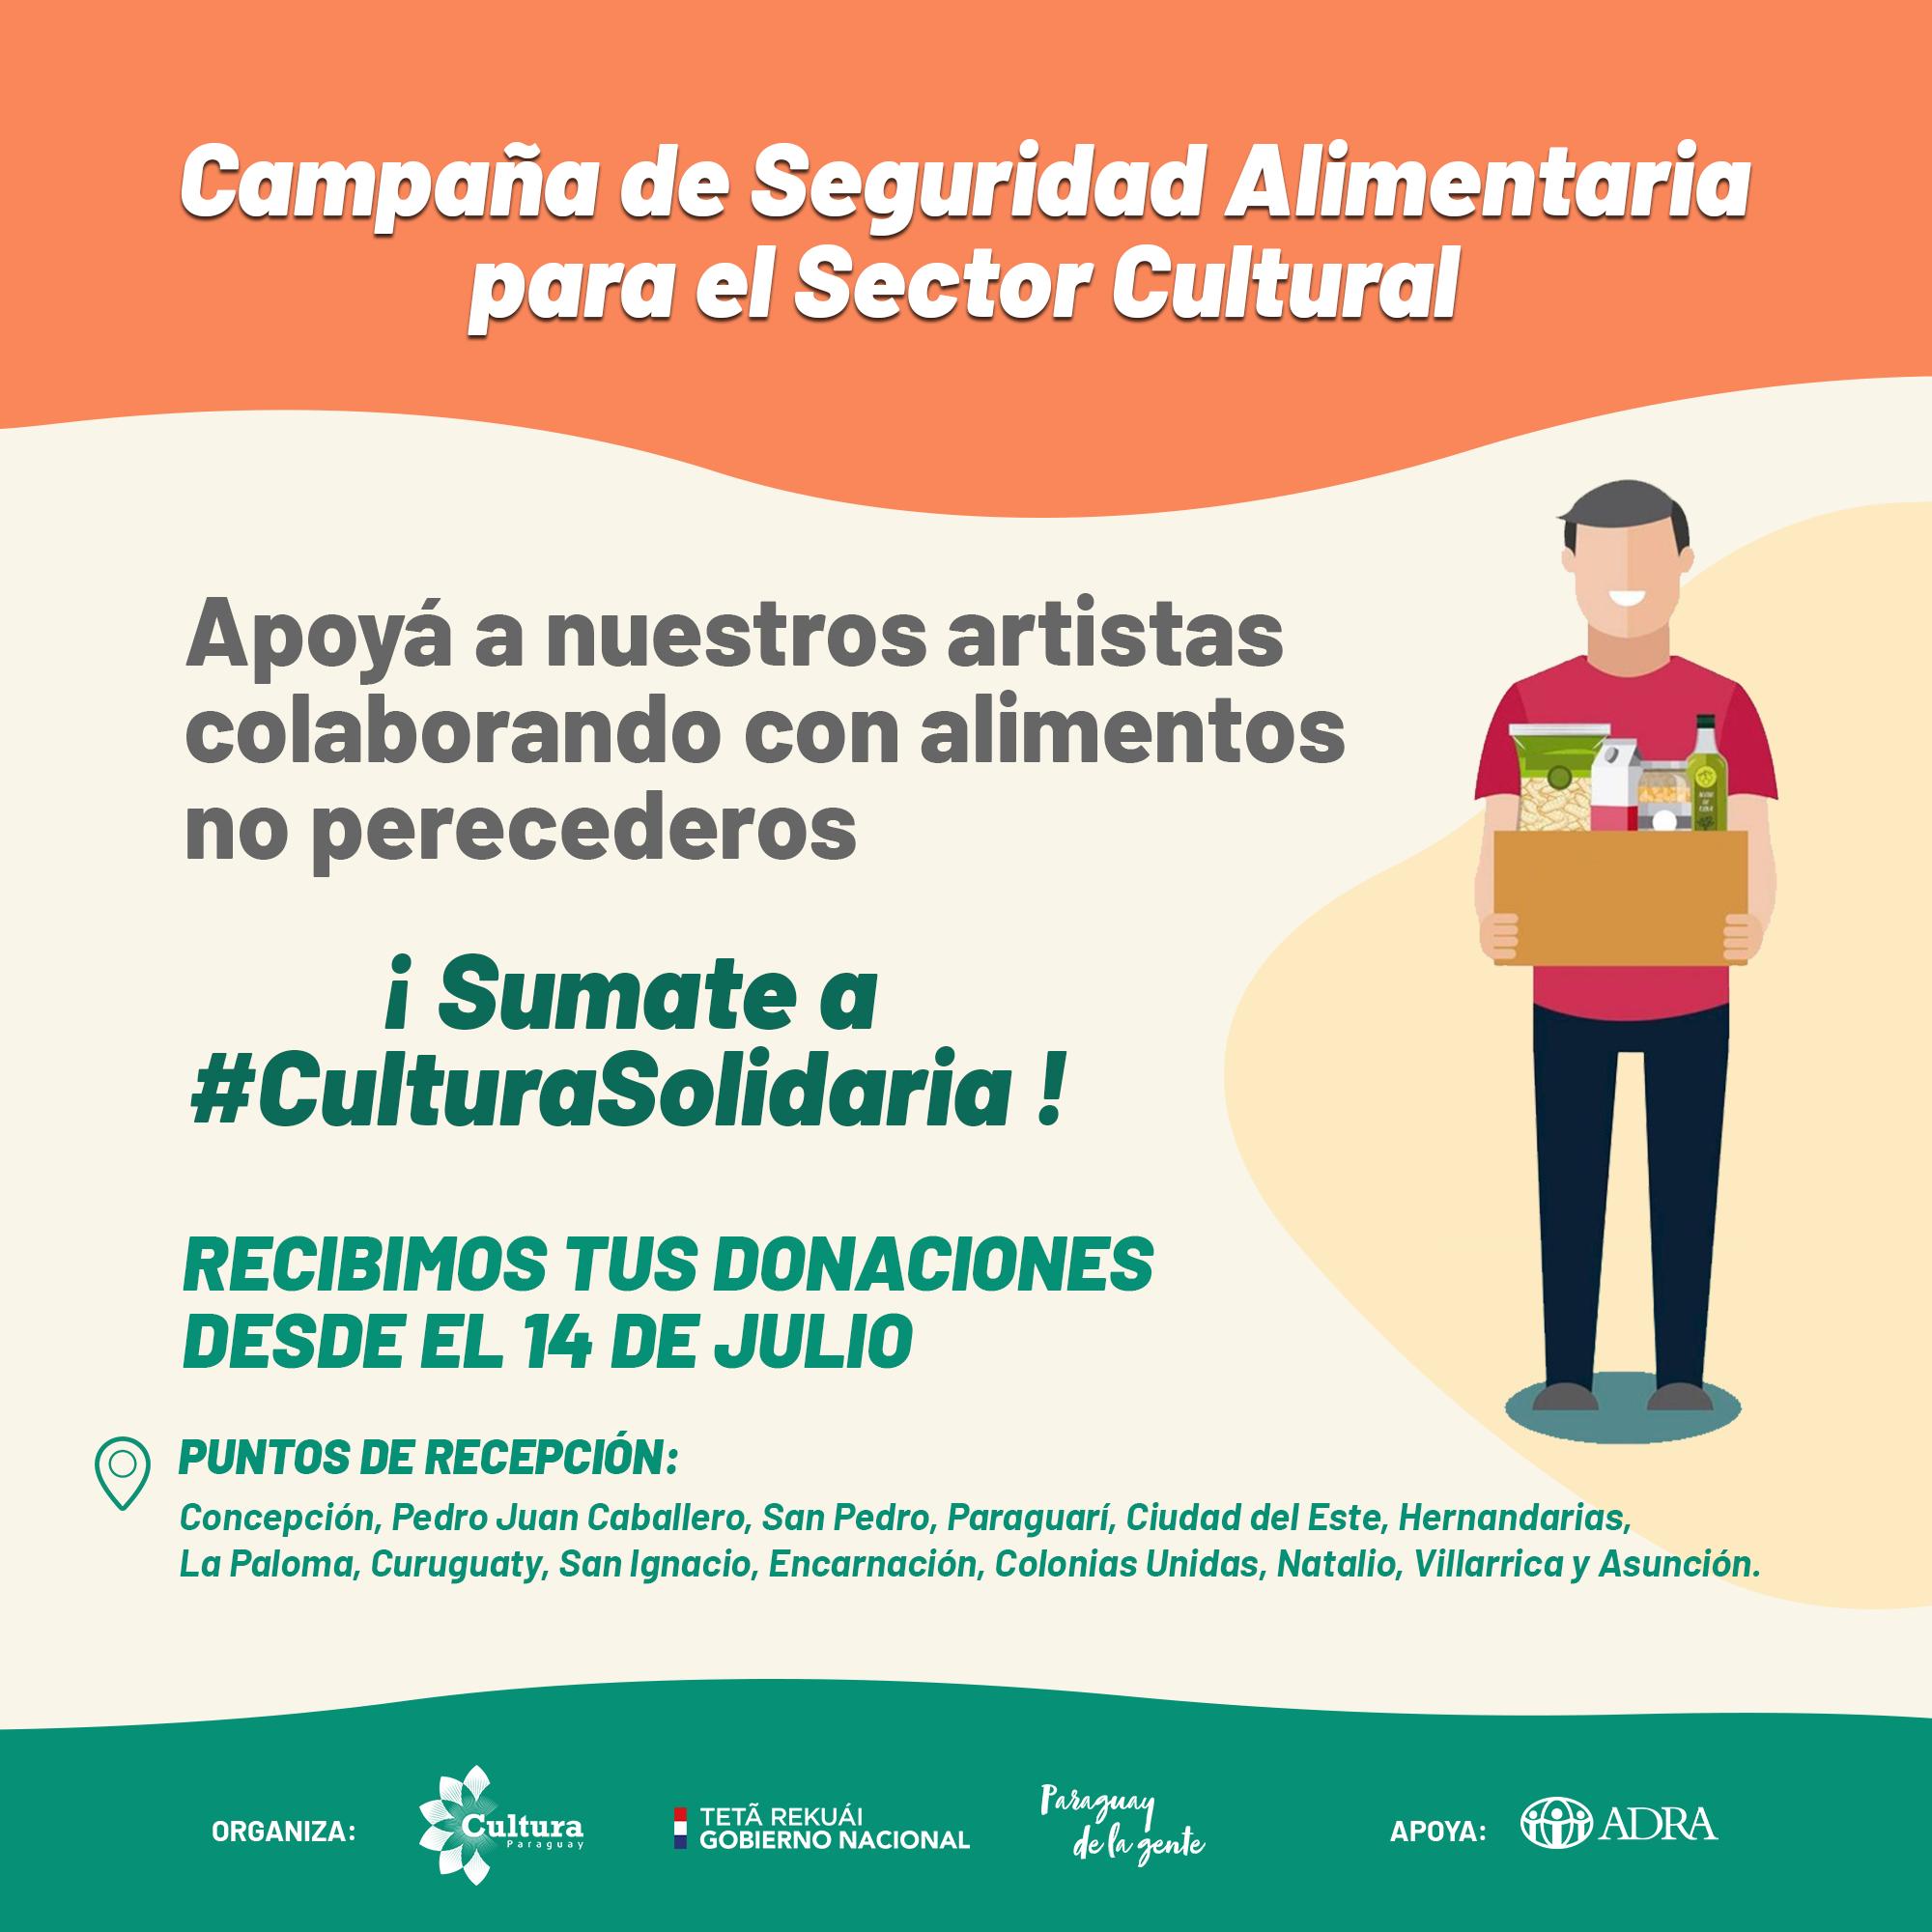 Secretaría Nacional de Cultura impulsa Campaña de Seguridad Alimentaria para el Sector Cultural